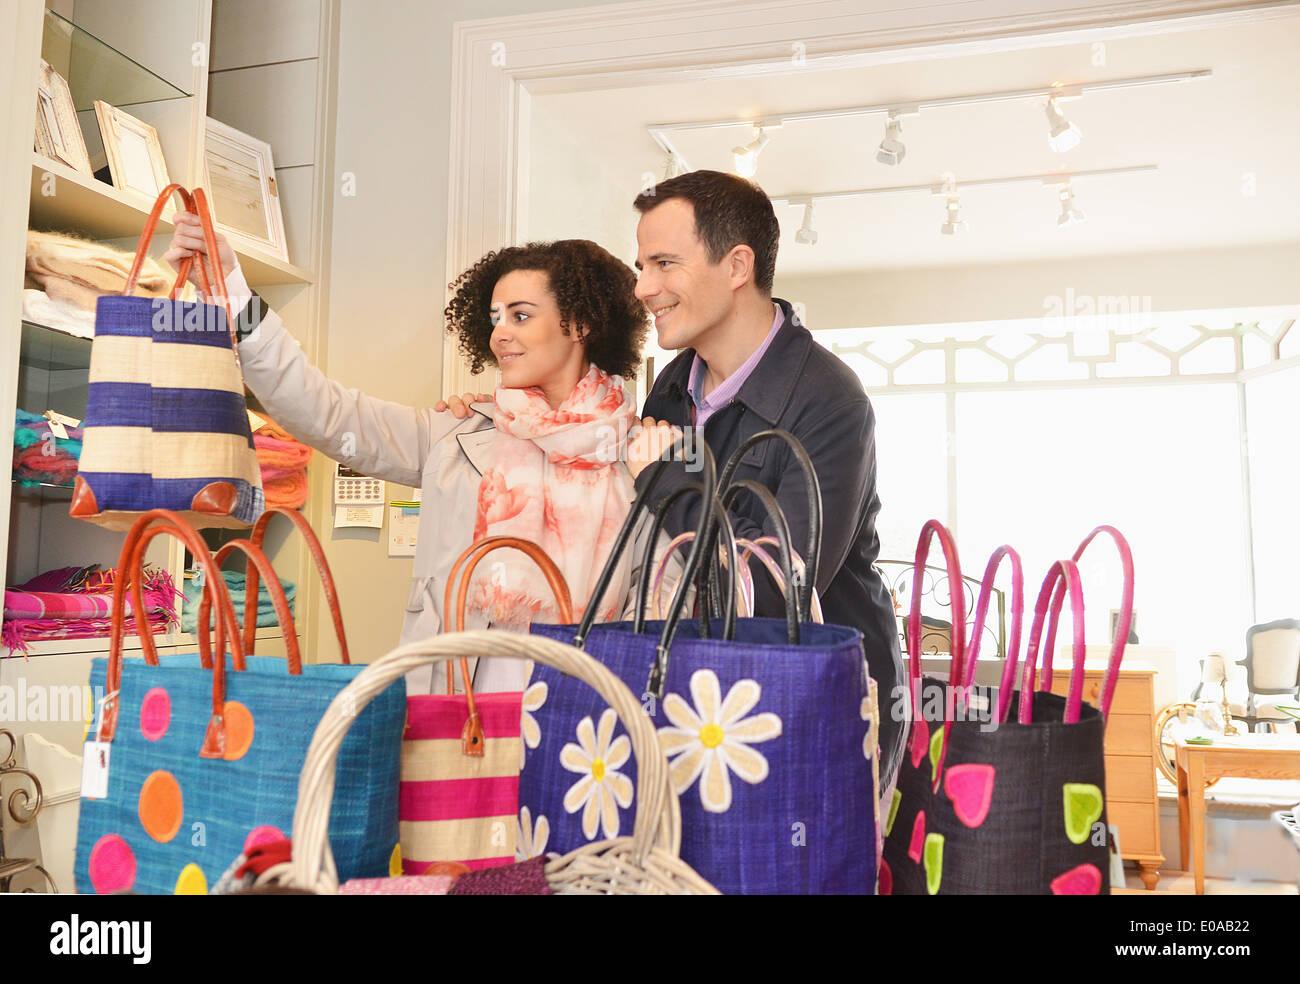 Paar Surfen Einkaufstaschen in einer boutique Stockbild